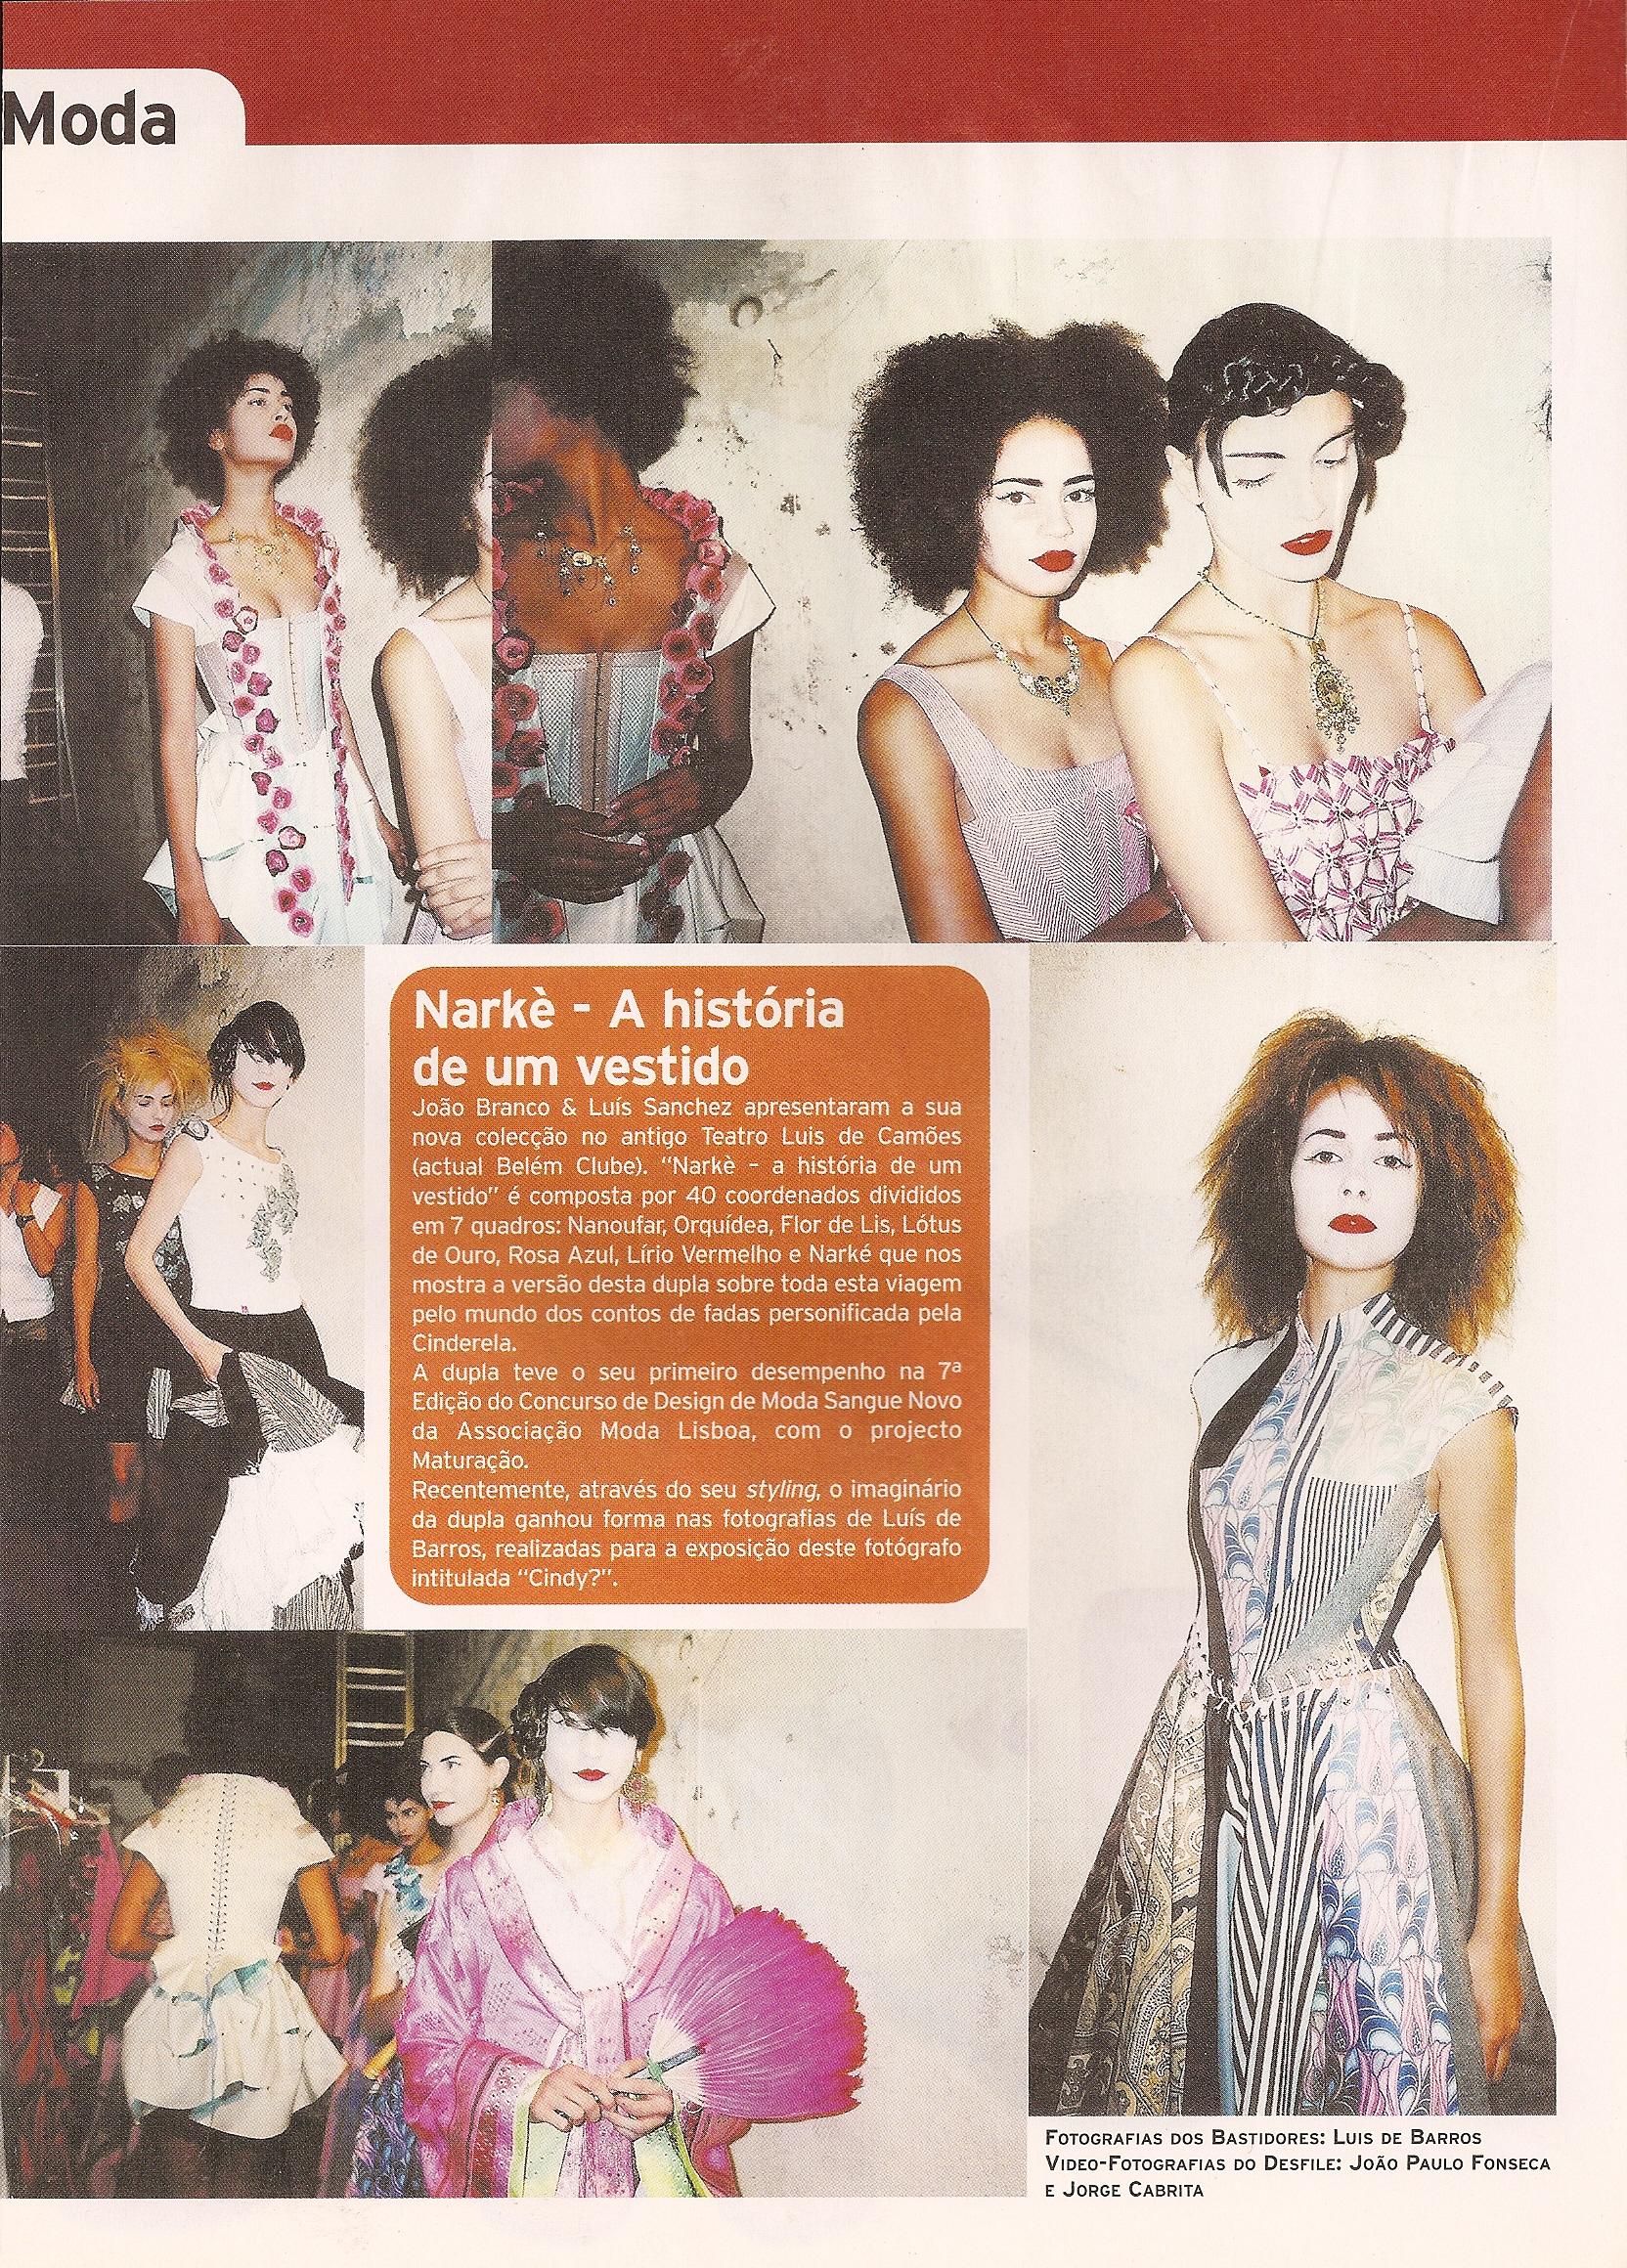 Domigo-magazine-correio-da-manha-20020714